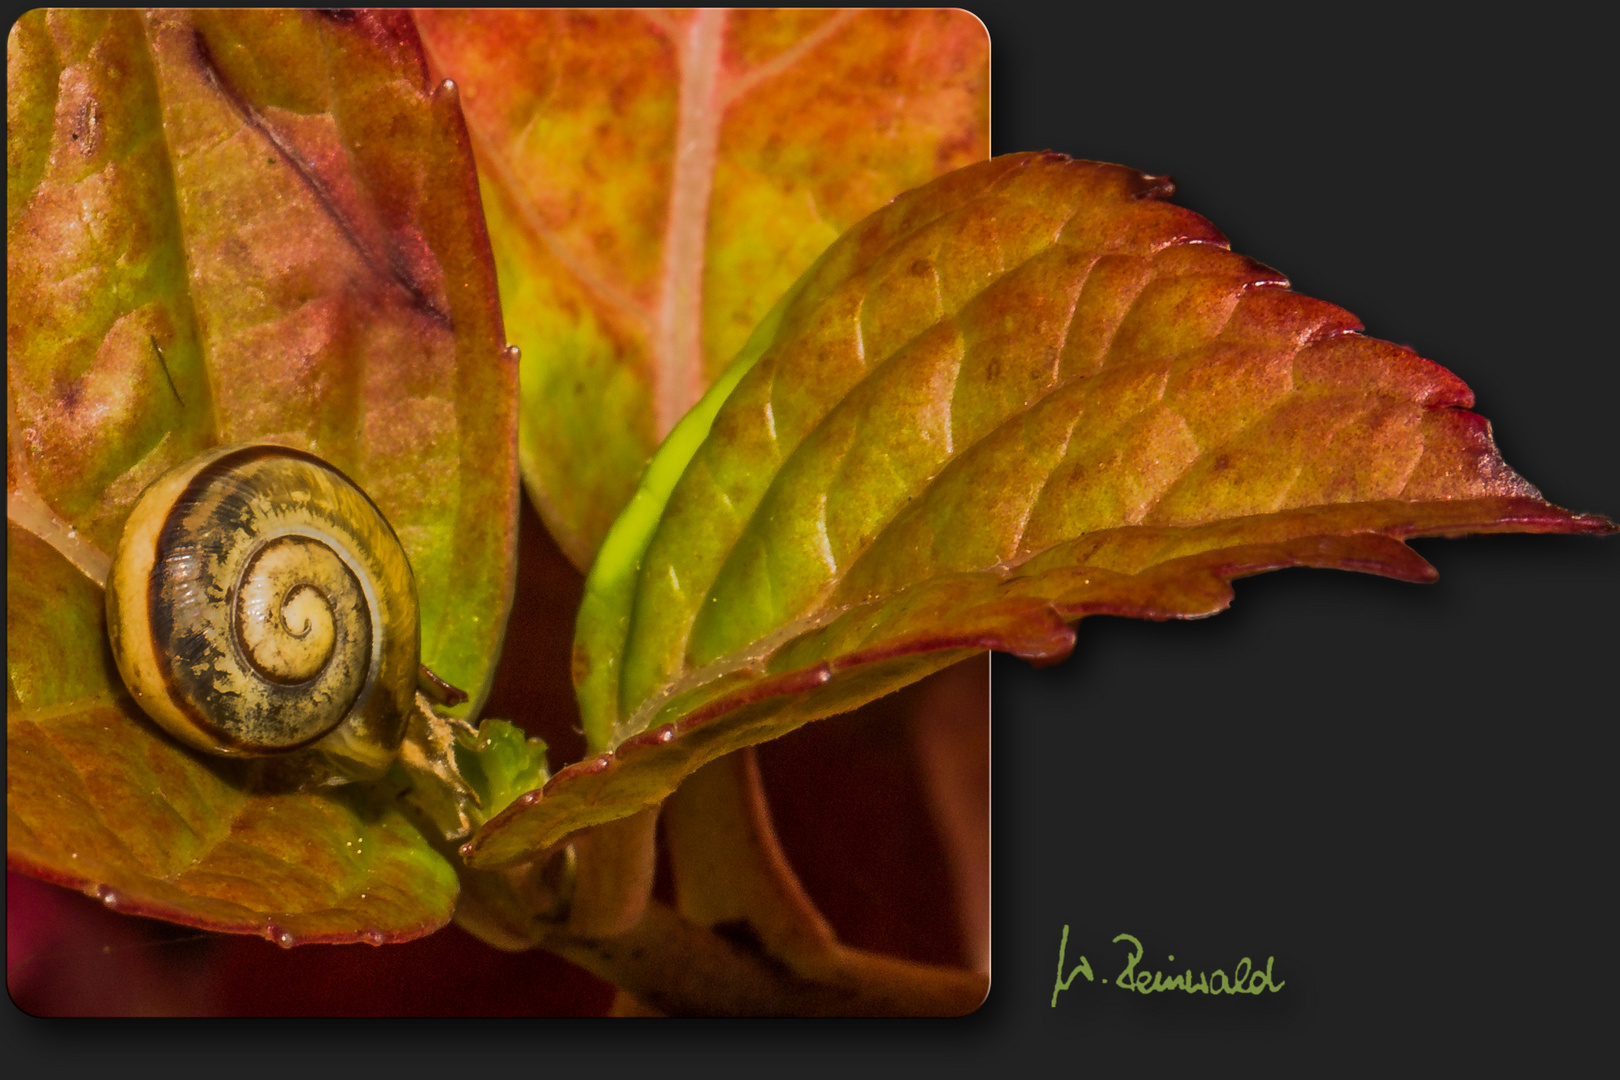 Schnecke auf Hortensienblatt